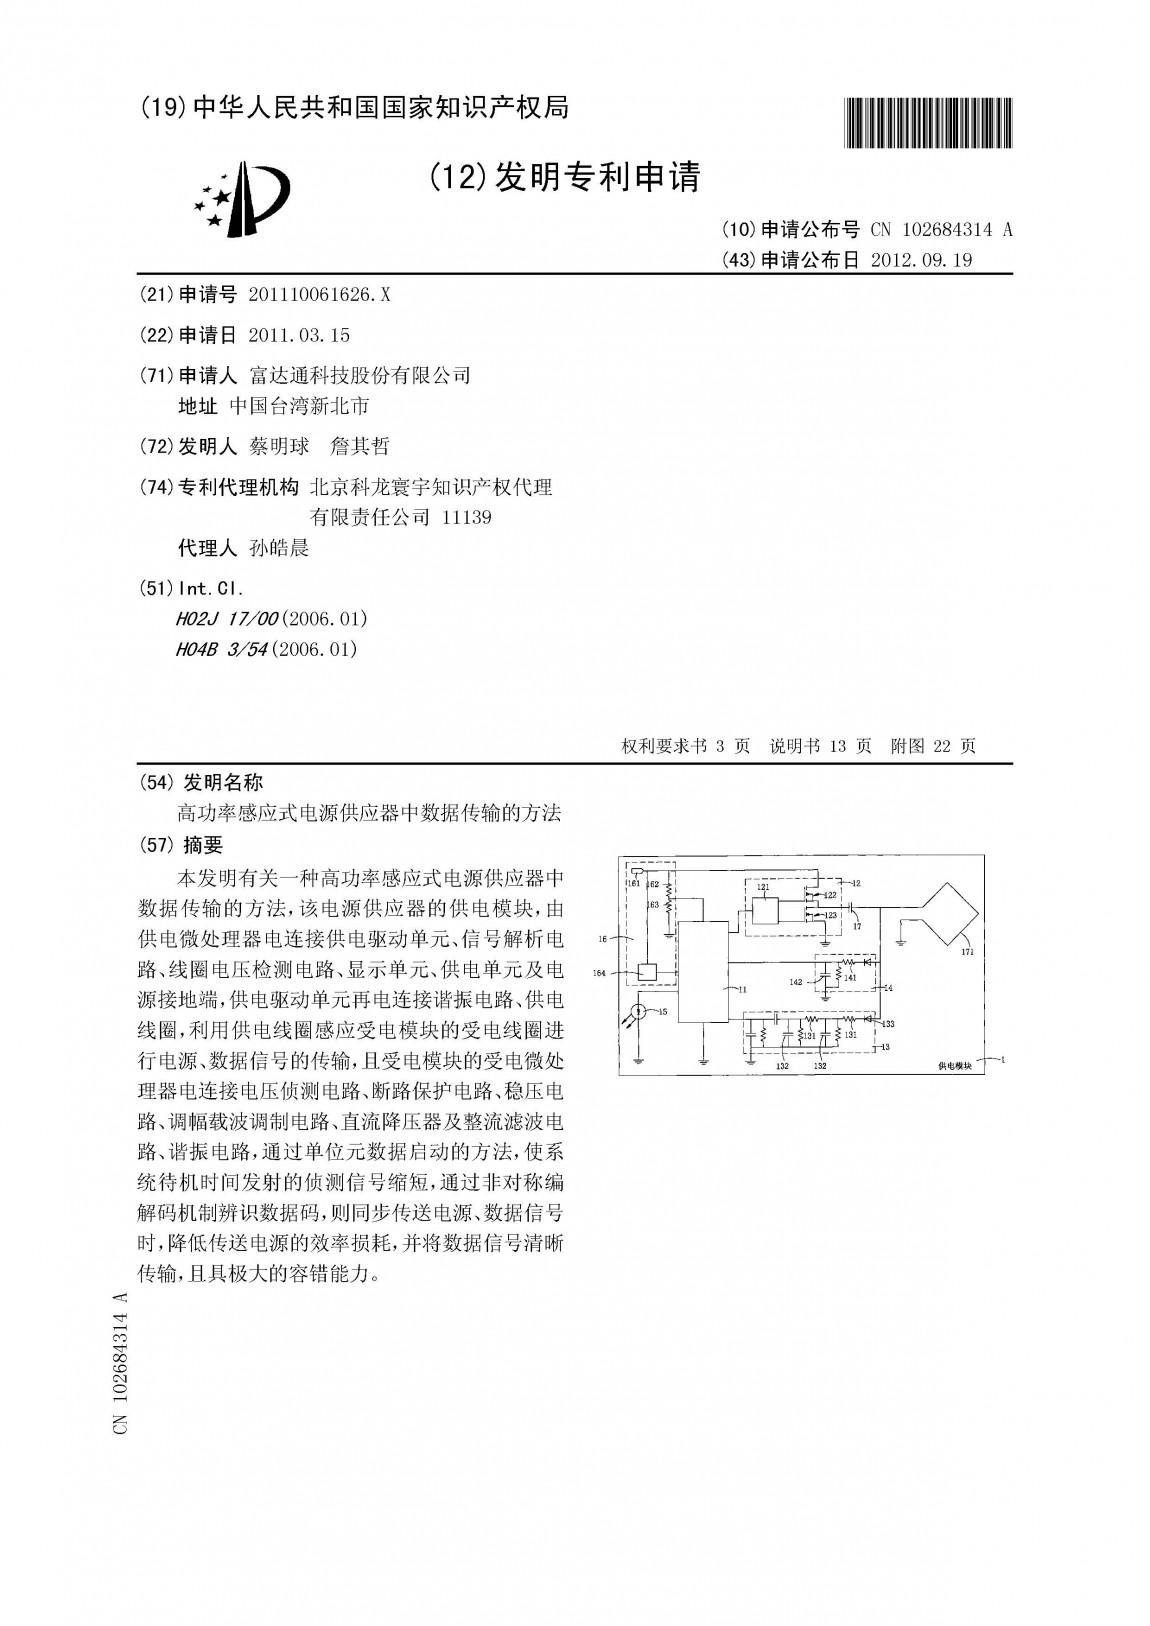 富達通專利06-高功率感應式電源供應器中資料傳輸之方法(中國)CN201110061626X